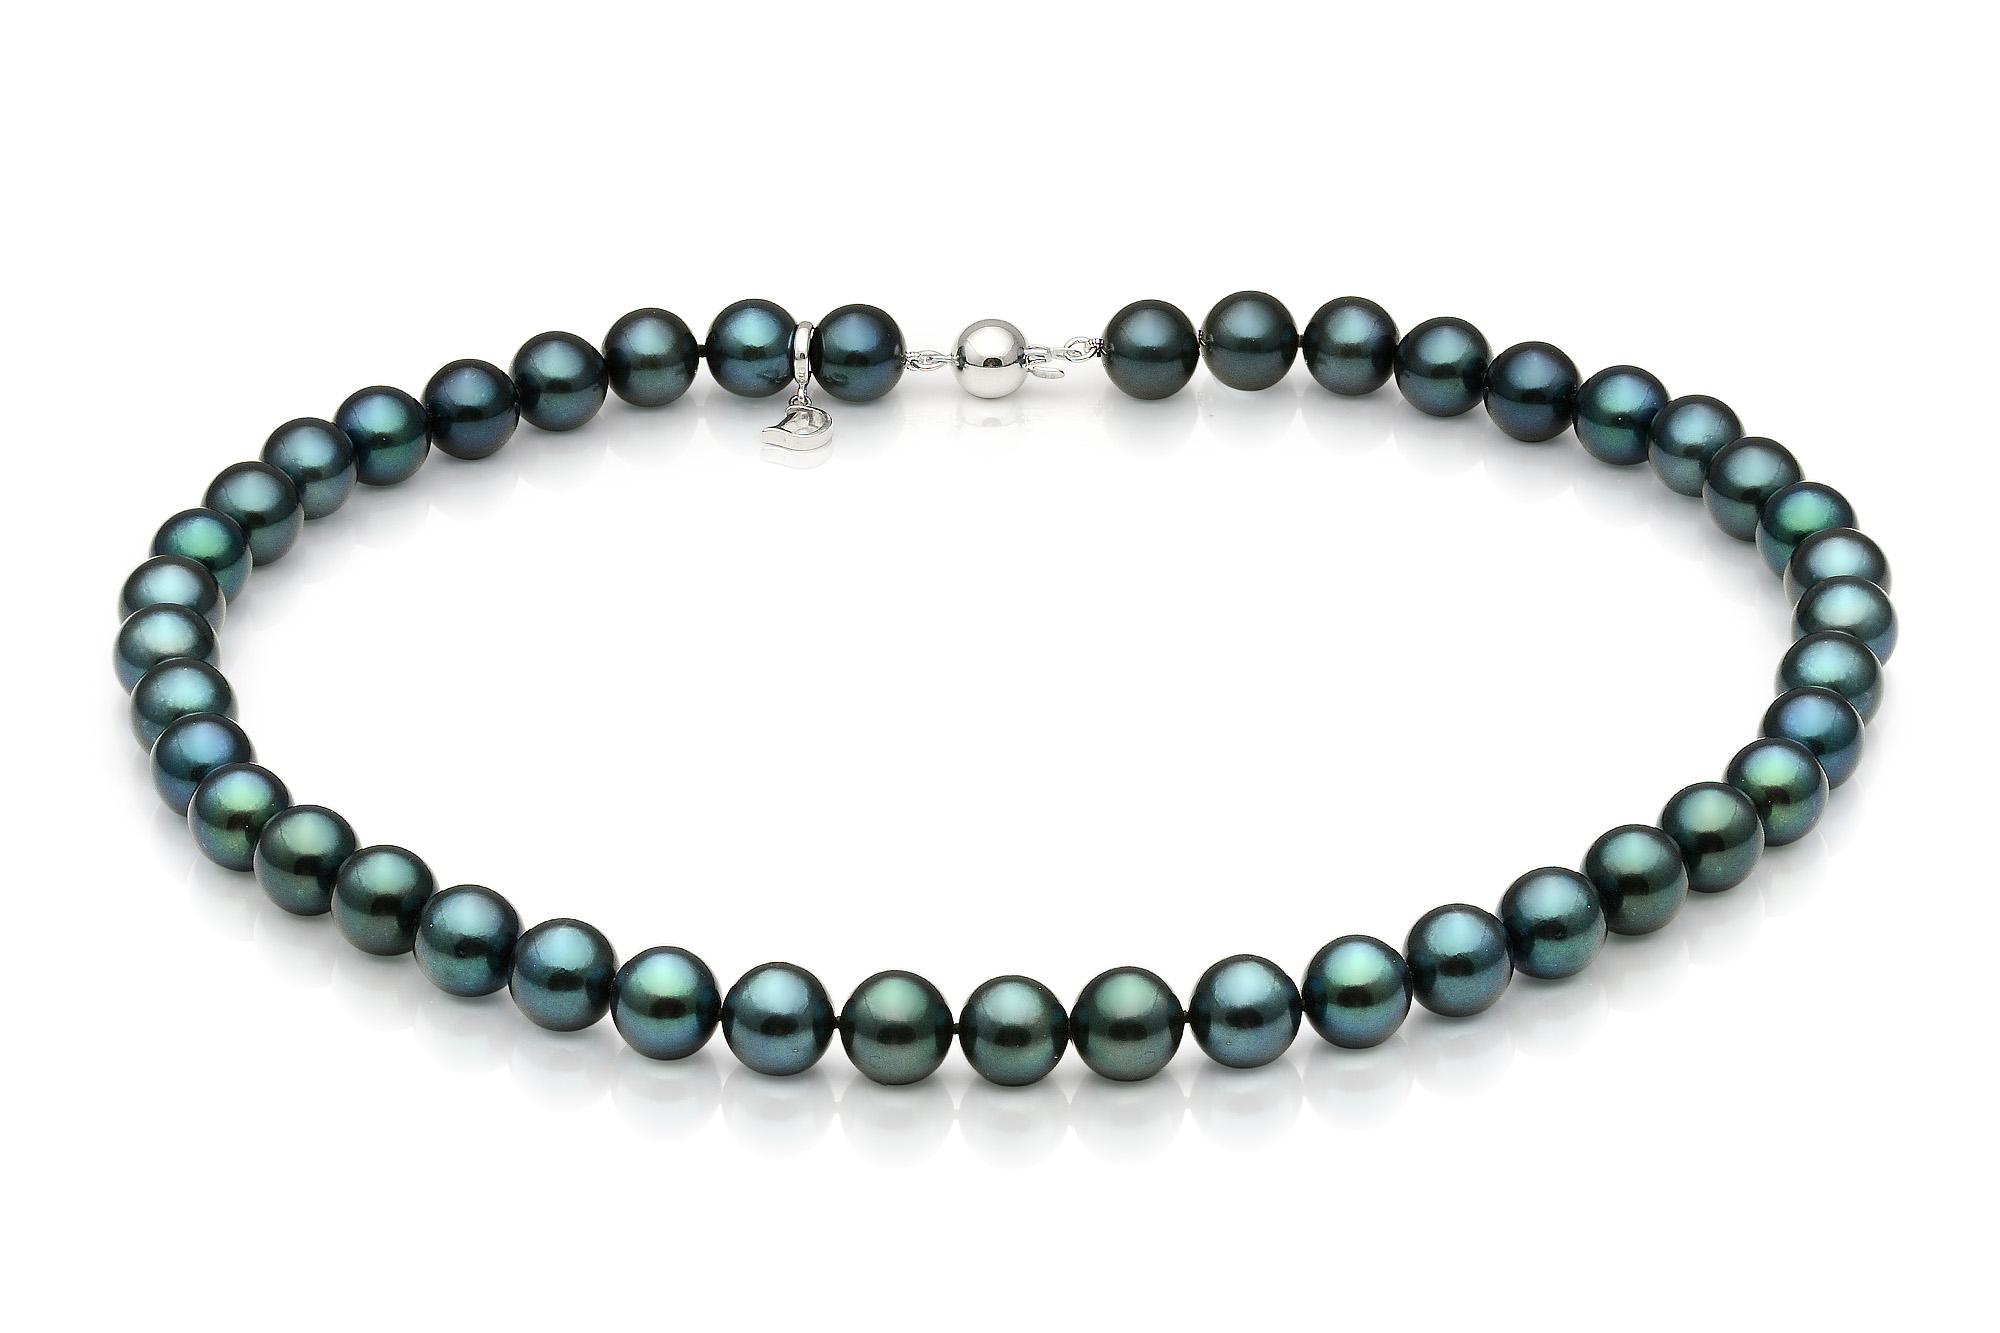 Ожерелье из черного круглого морского жемчуга Акойя (Япония). Жемчужины 7-7,5 мм